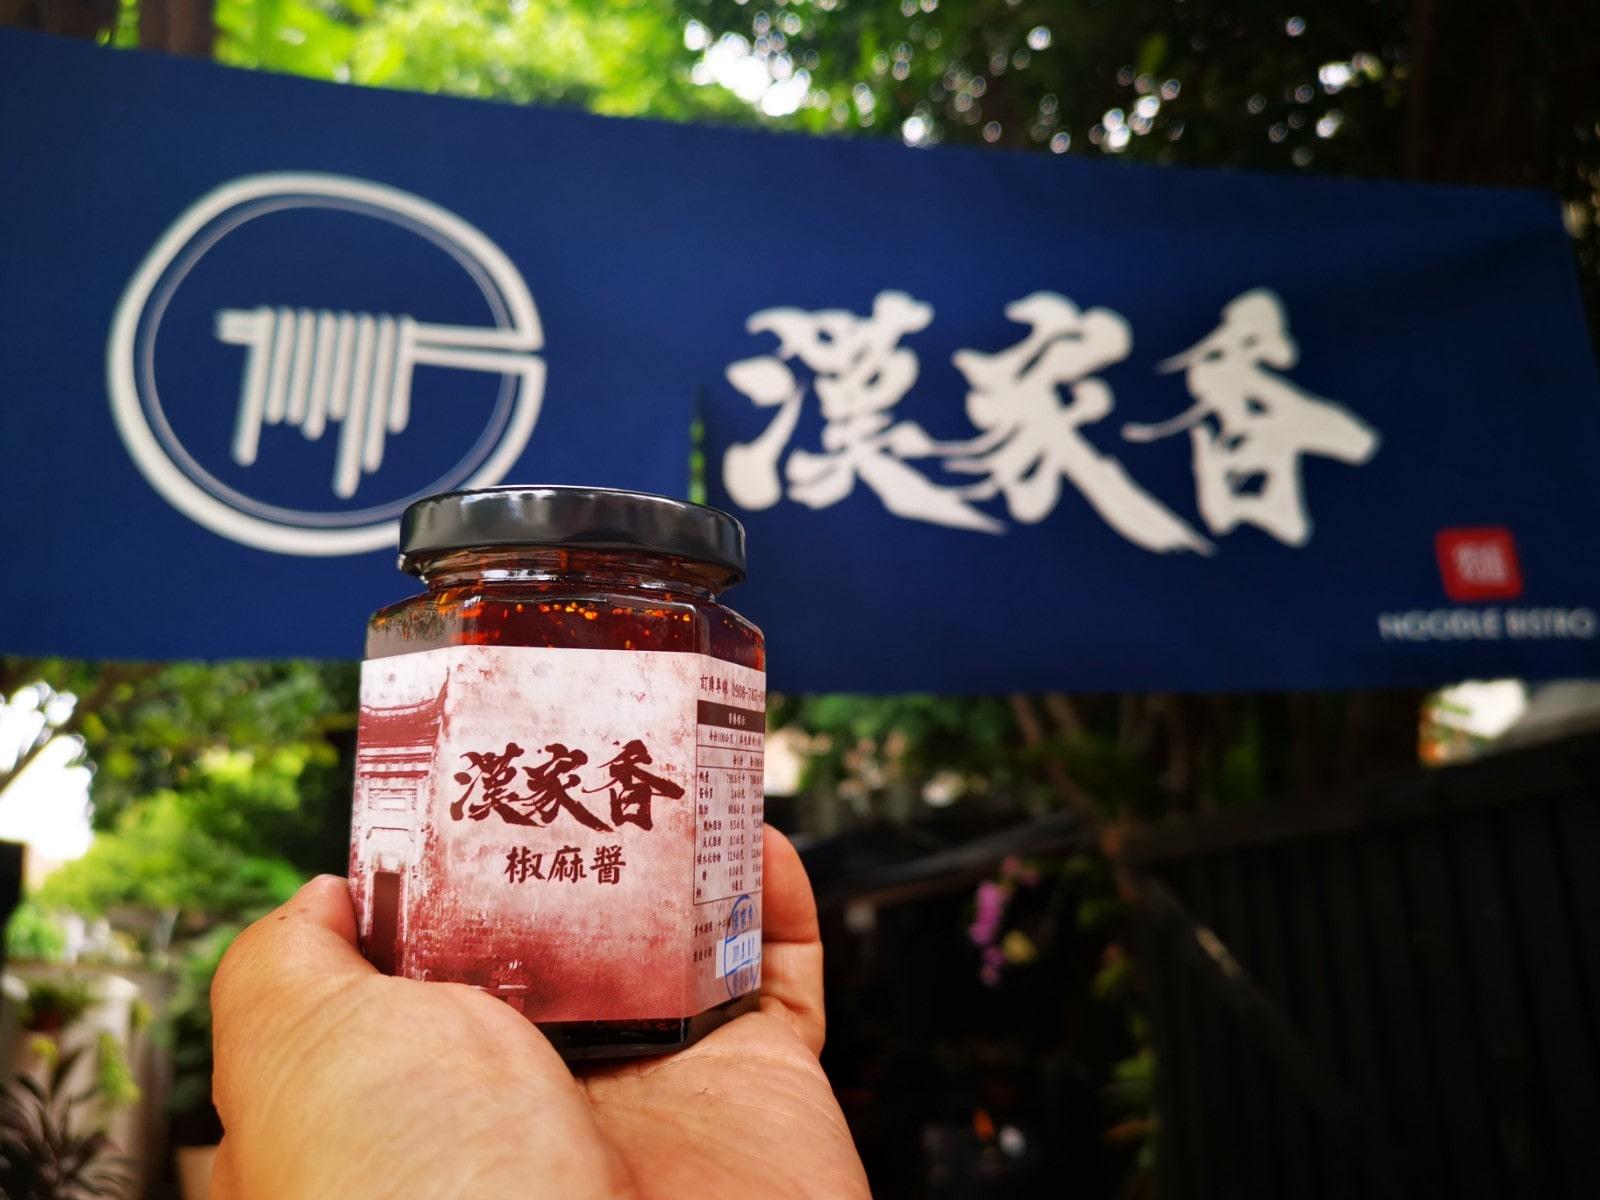 台湾のレストラン「漢家香」 ラベル デザイン